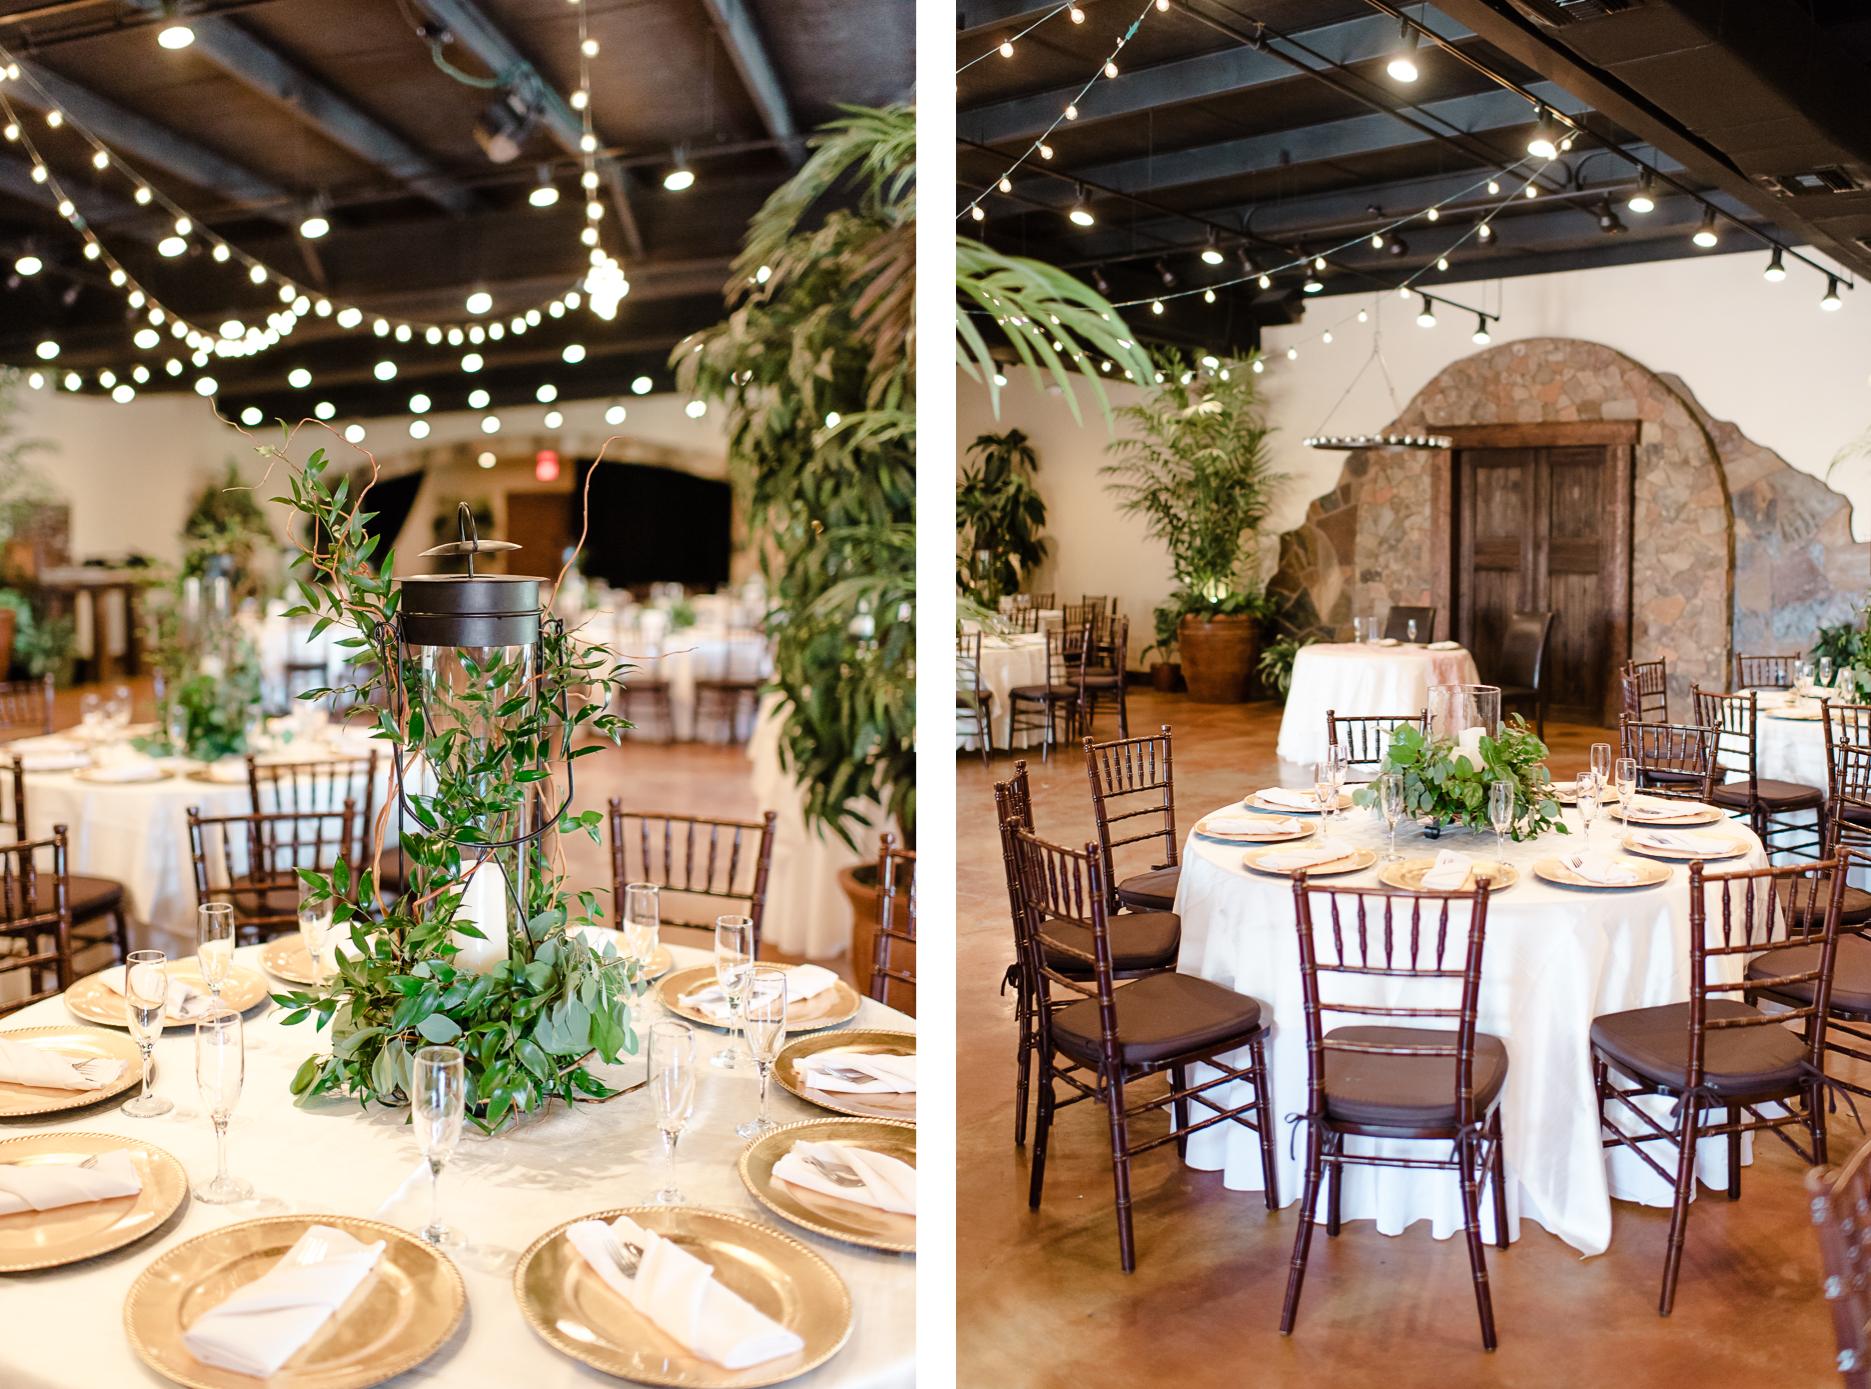 达拉斯结婚|德州婚礼策划|德州牛仔西式婚礼|德克萨斯州结婚流程攻略